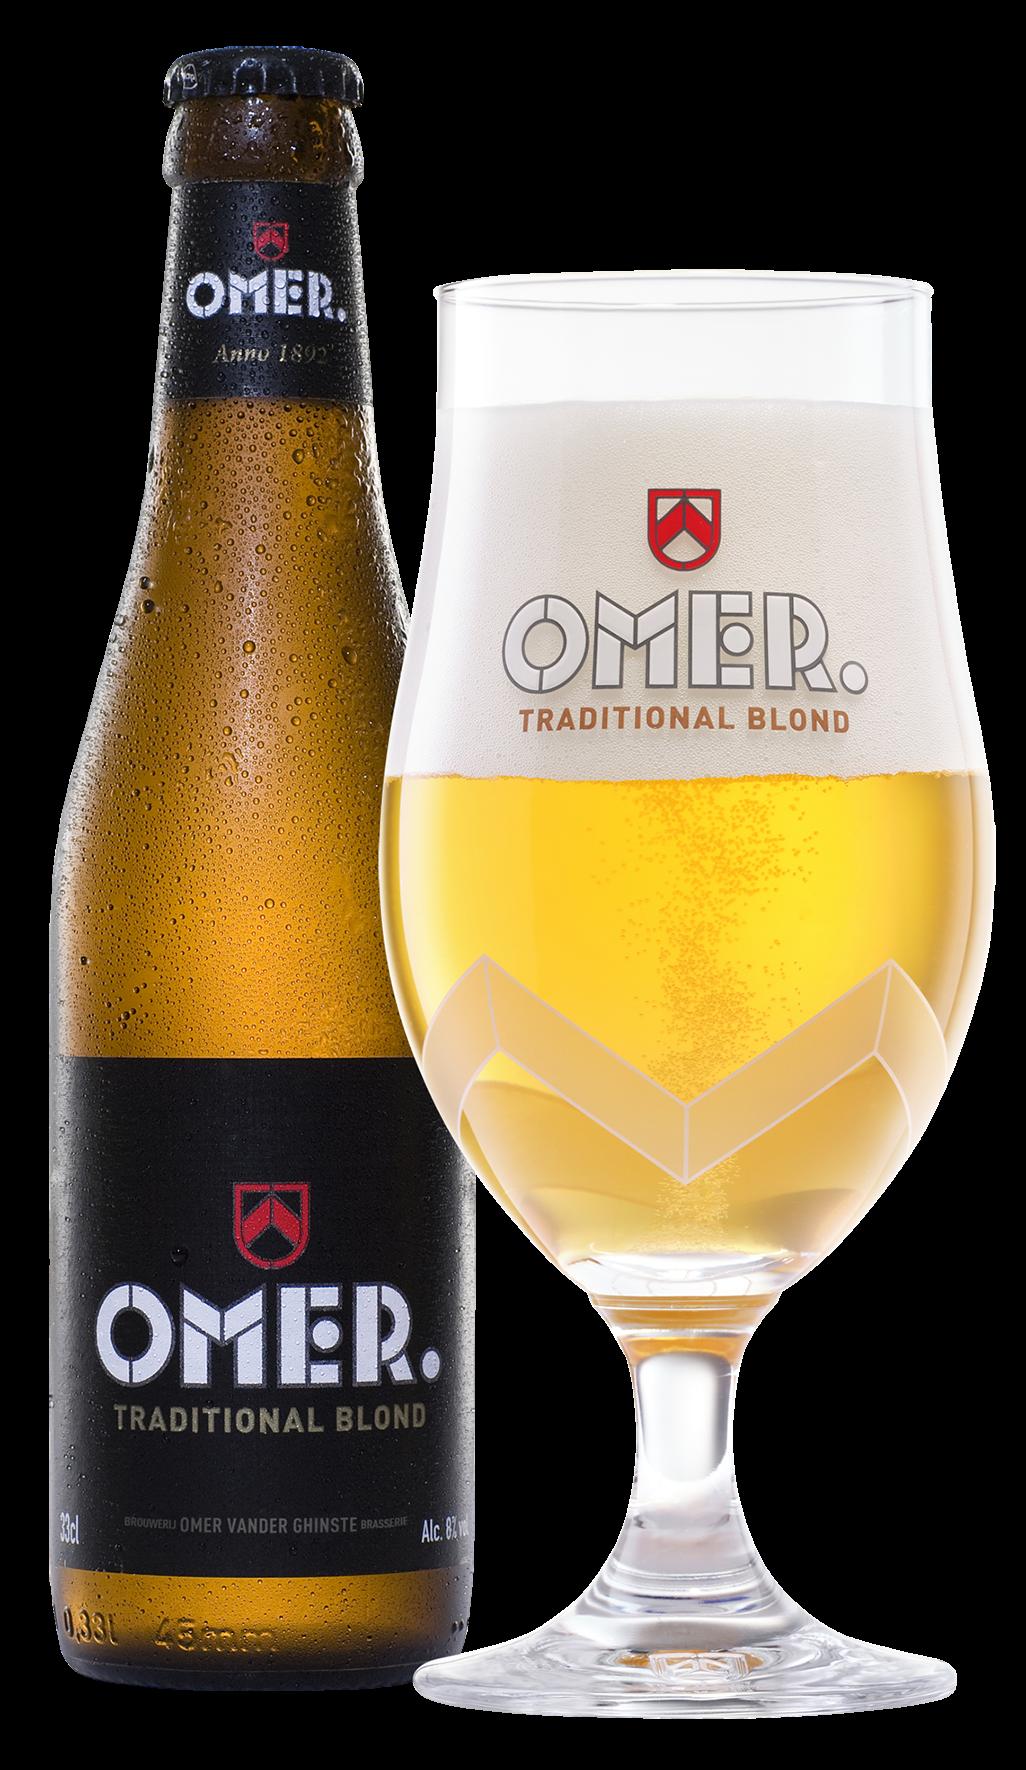 OMER. packshot - bottle + glass 2021 web